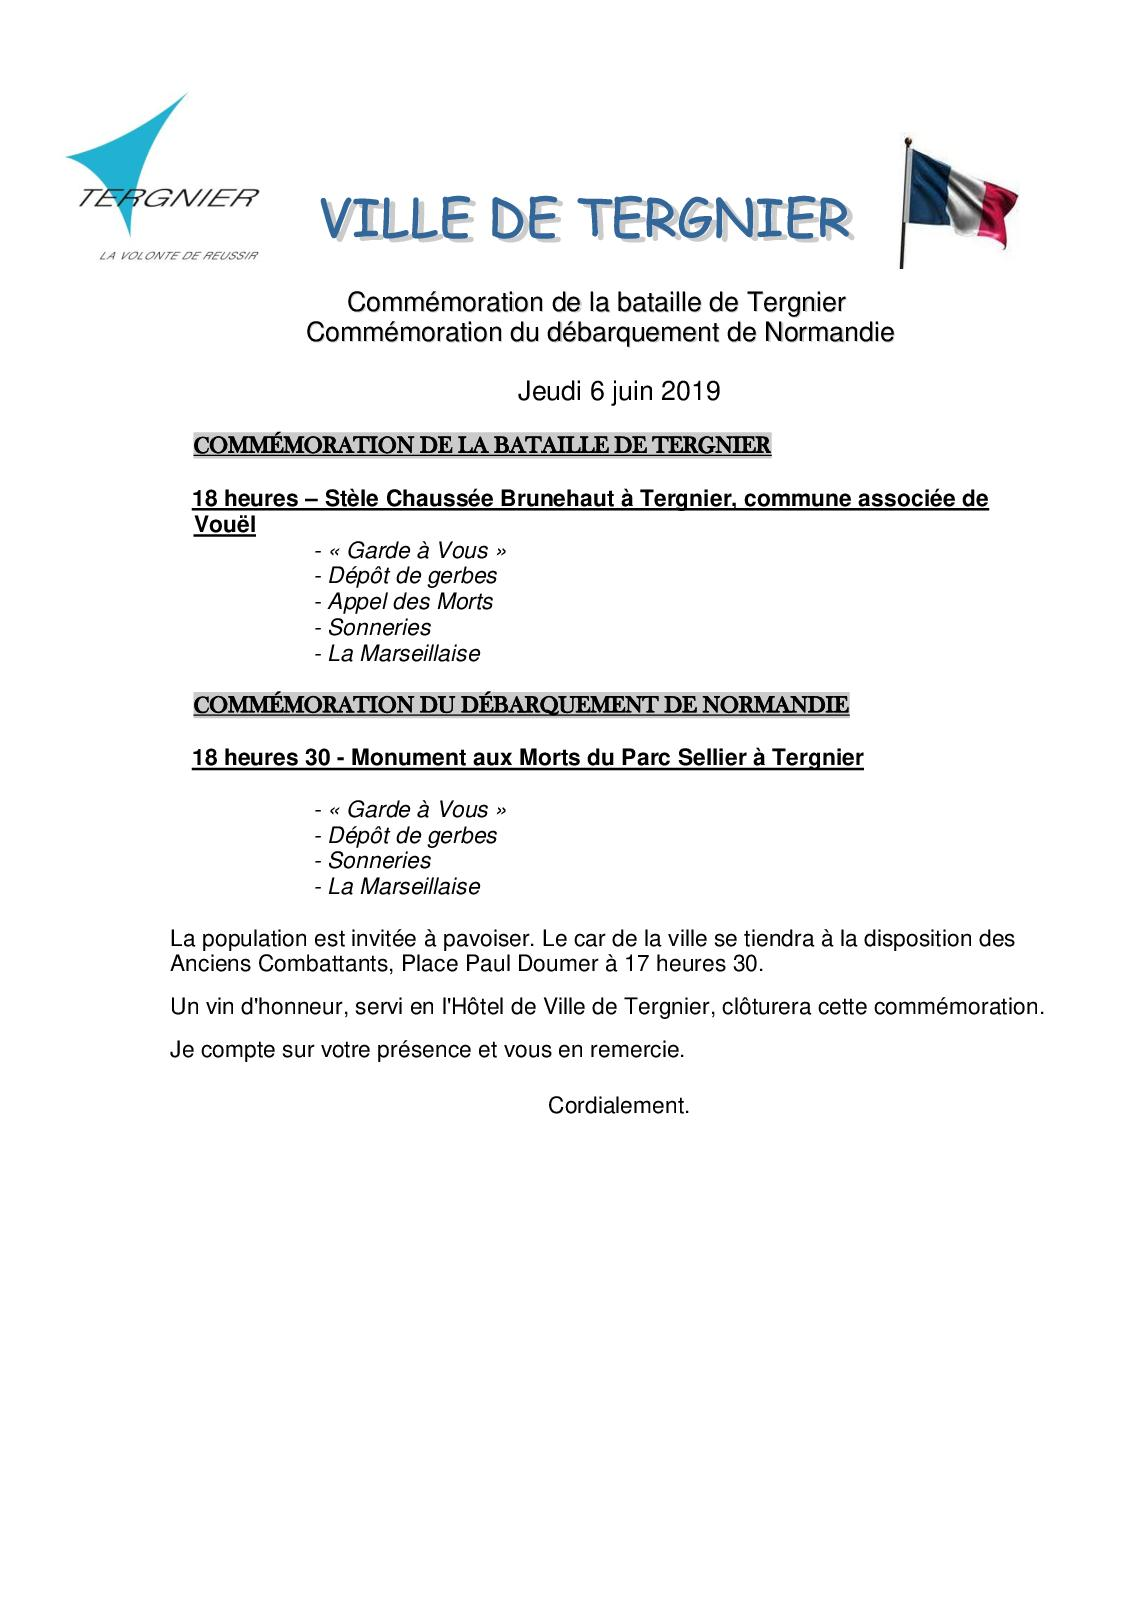 Calaméo Programme Ville Jeudi 6 Juin 2019